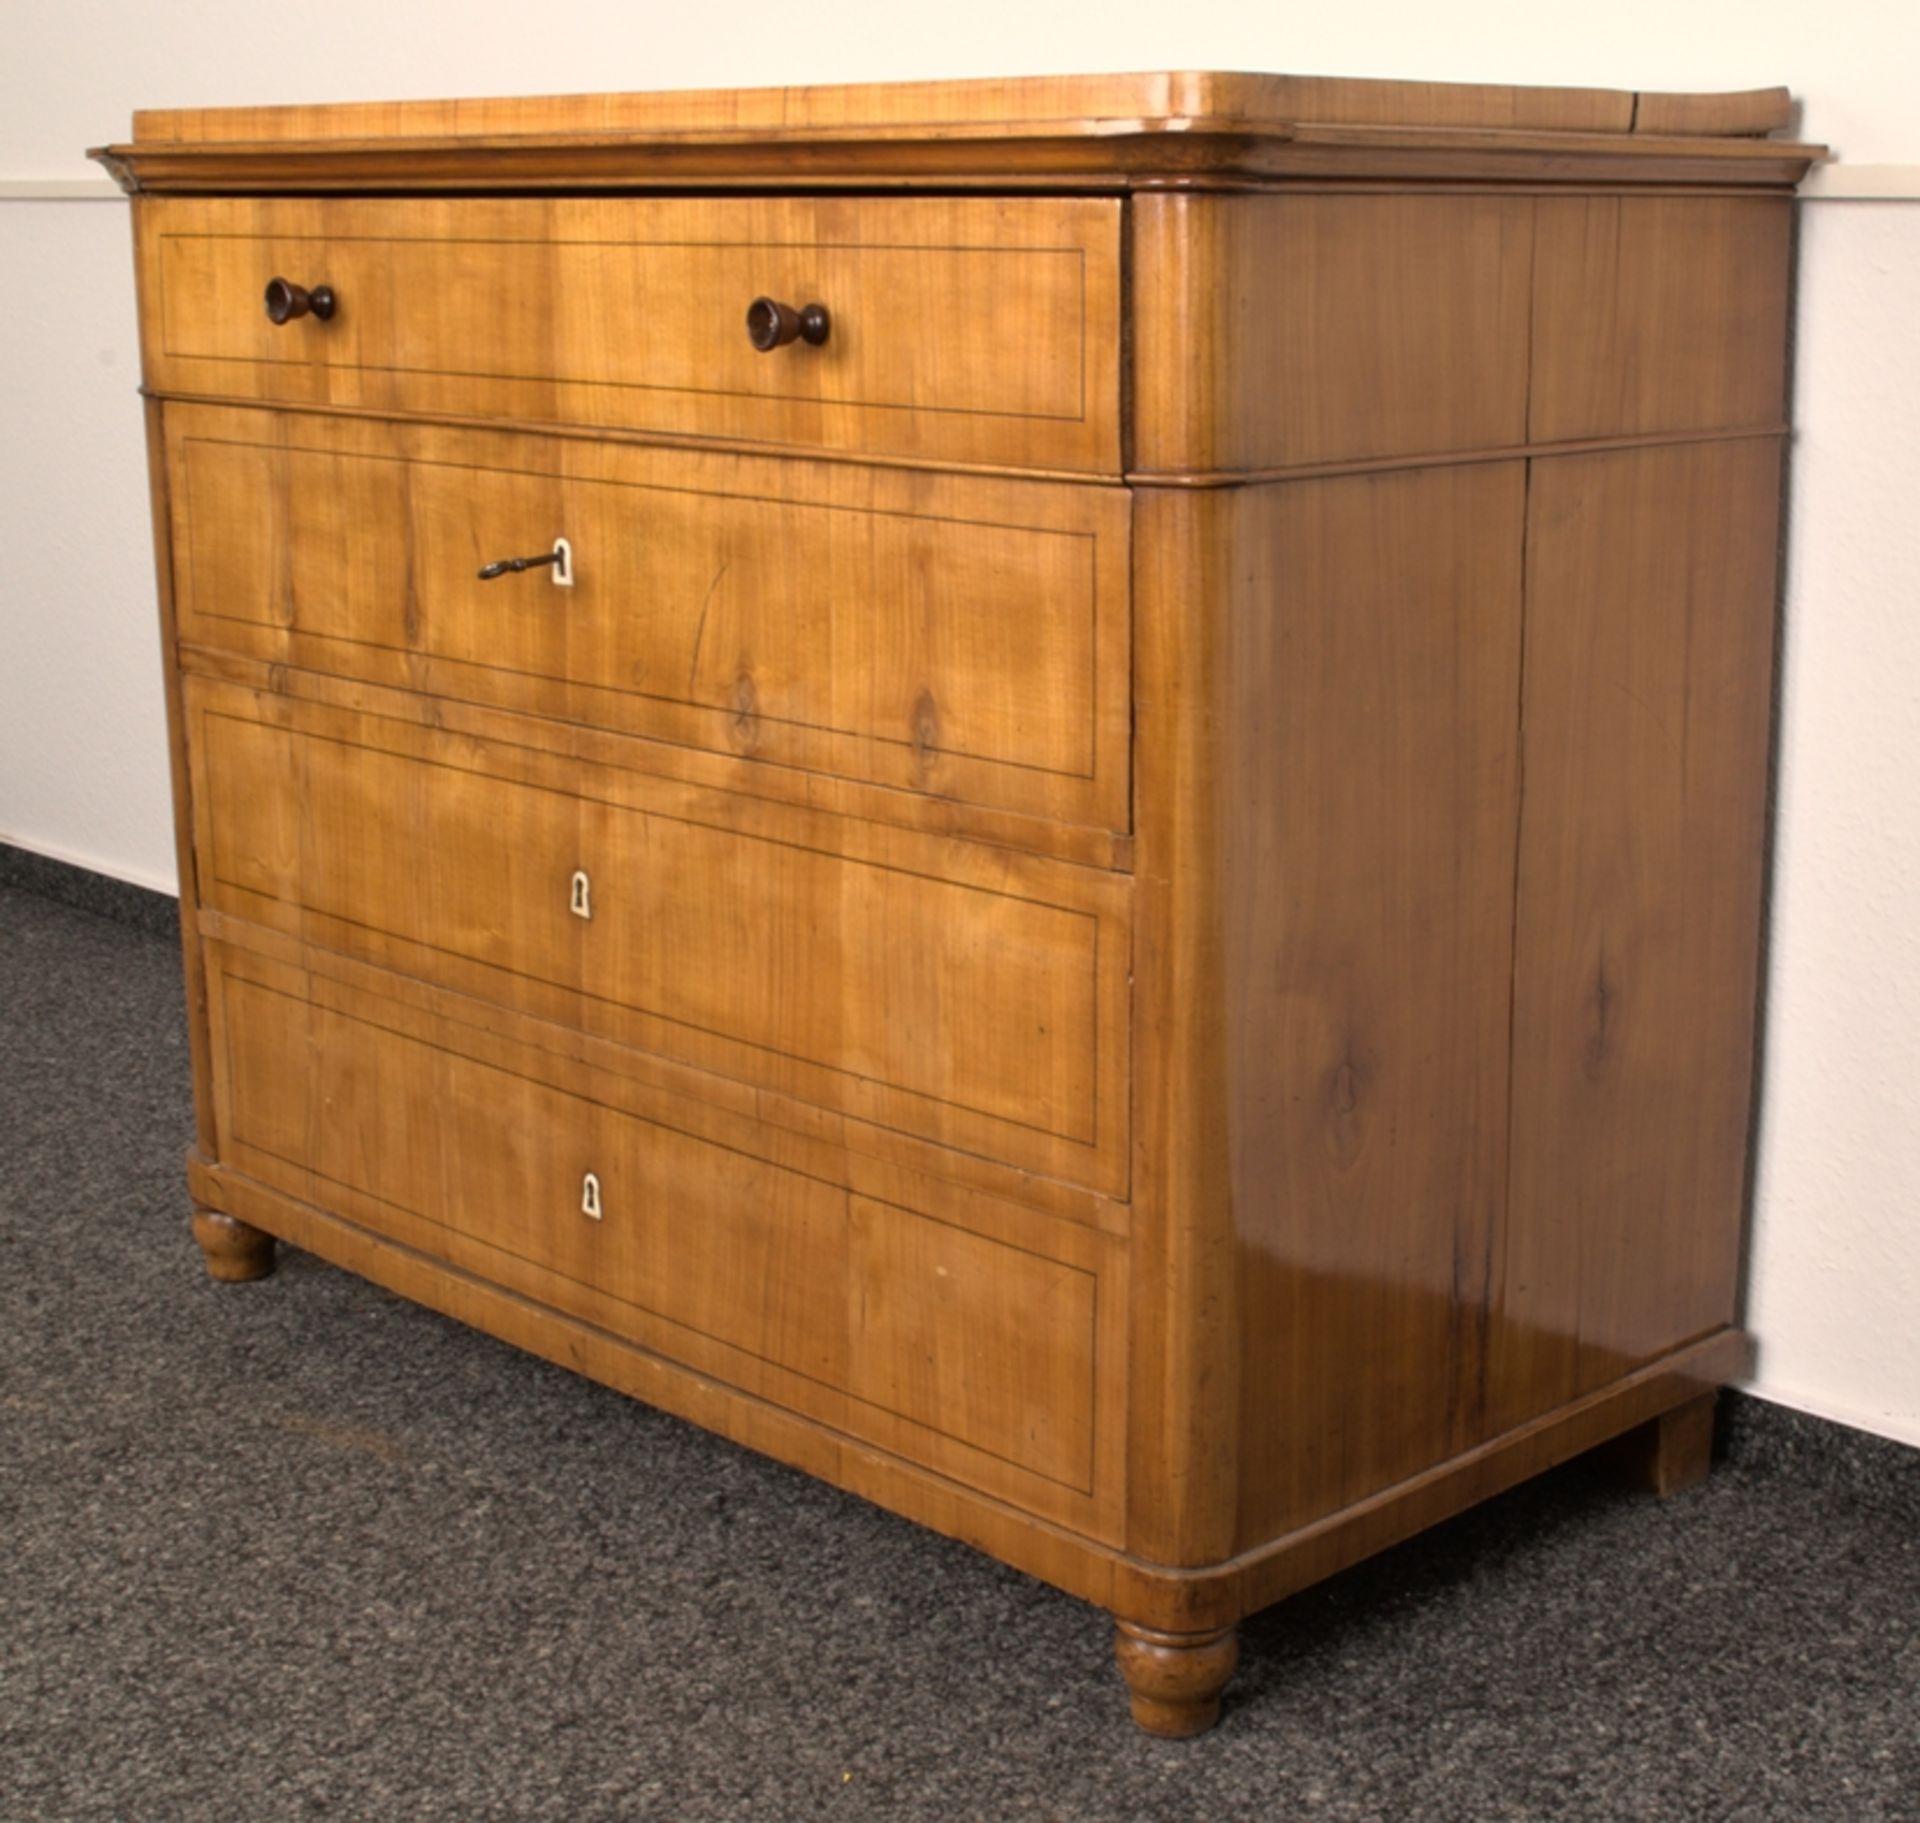 Wäschekommode. Biedermeier um 1835. Kirschbaum massiv & furniert, die 4 Schubladen-Fronten mit - Bild 3 aus 18